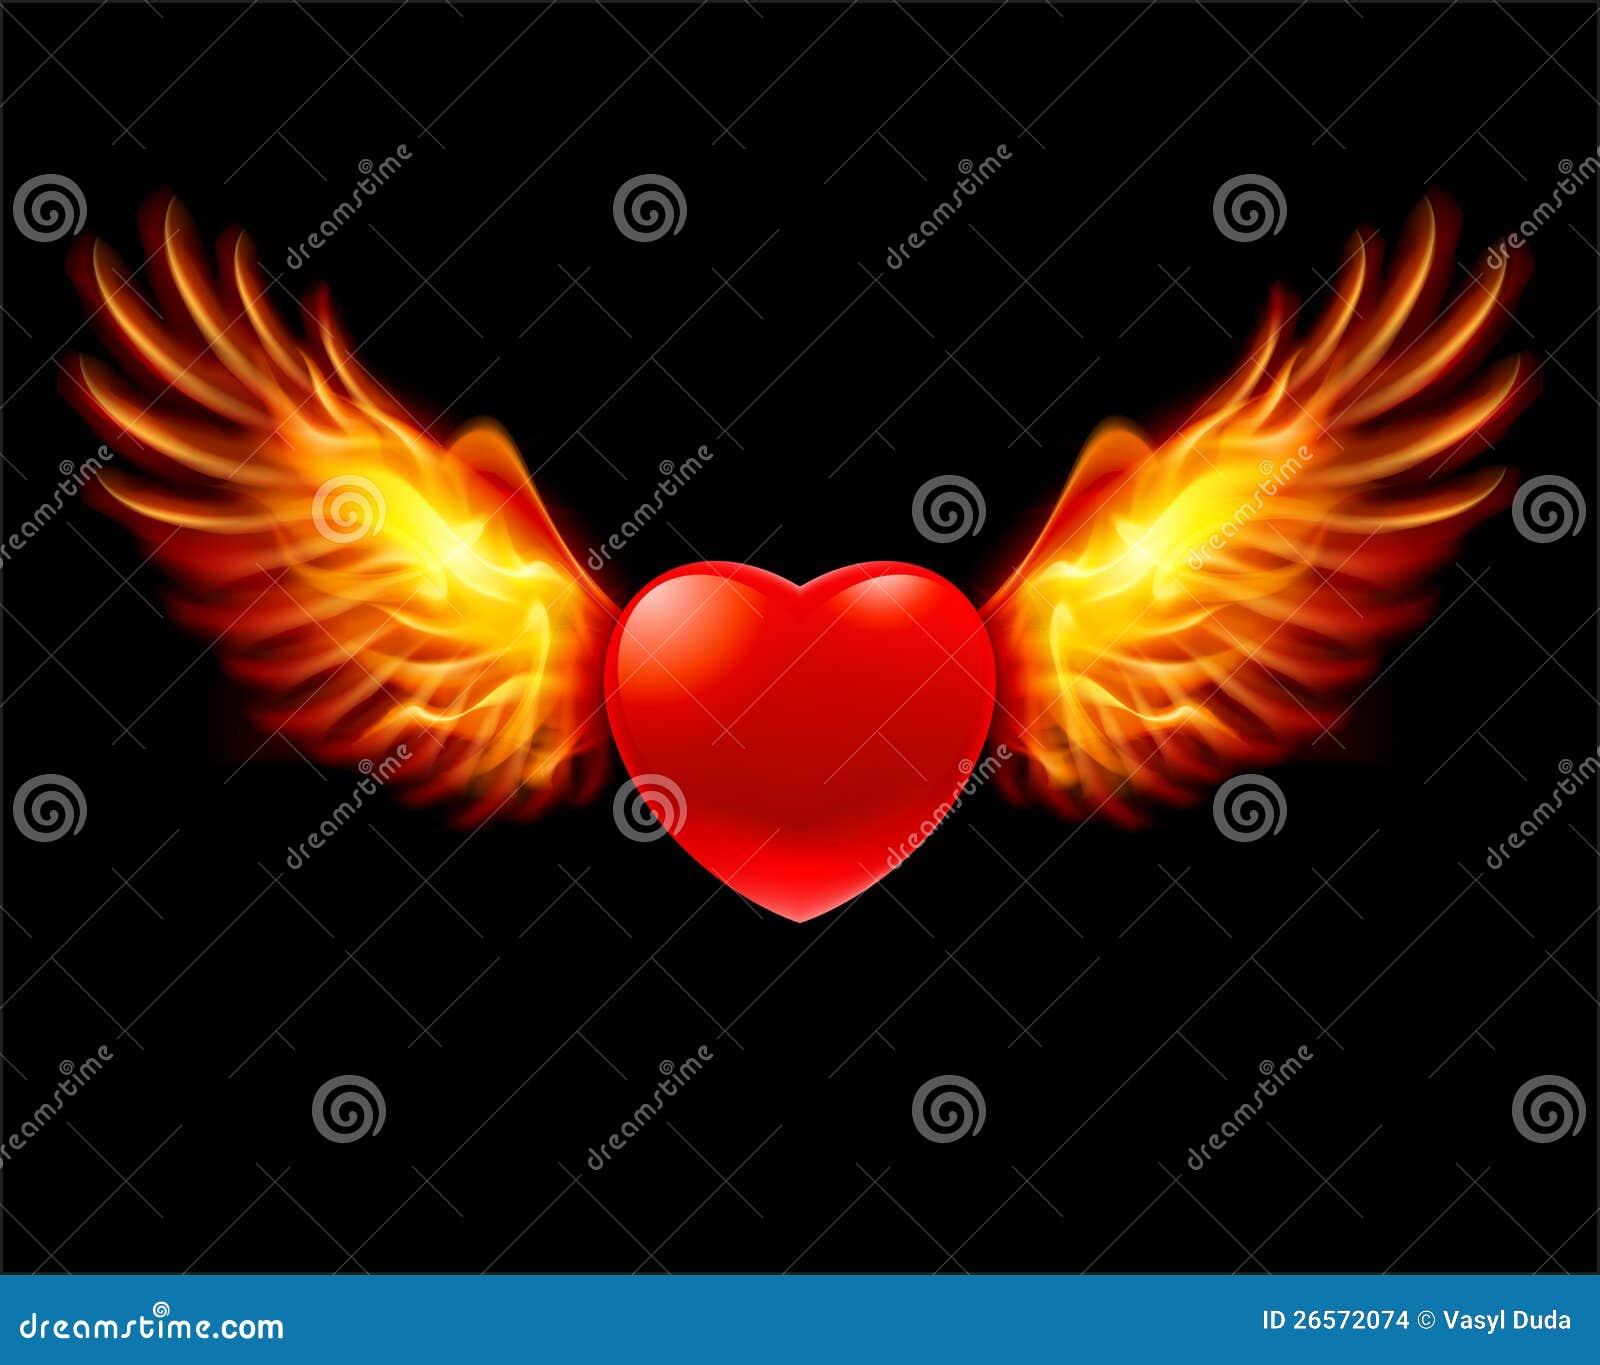 Heart In Fiery Wings Stock Vector Illustration Of